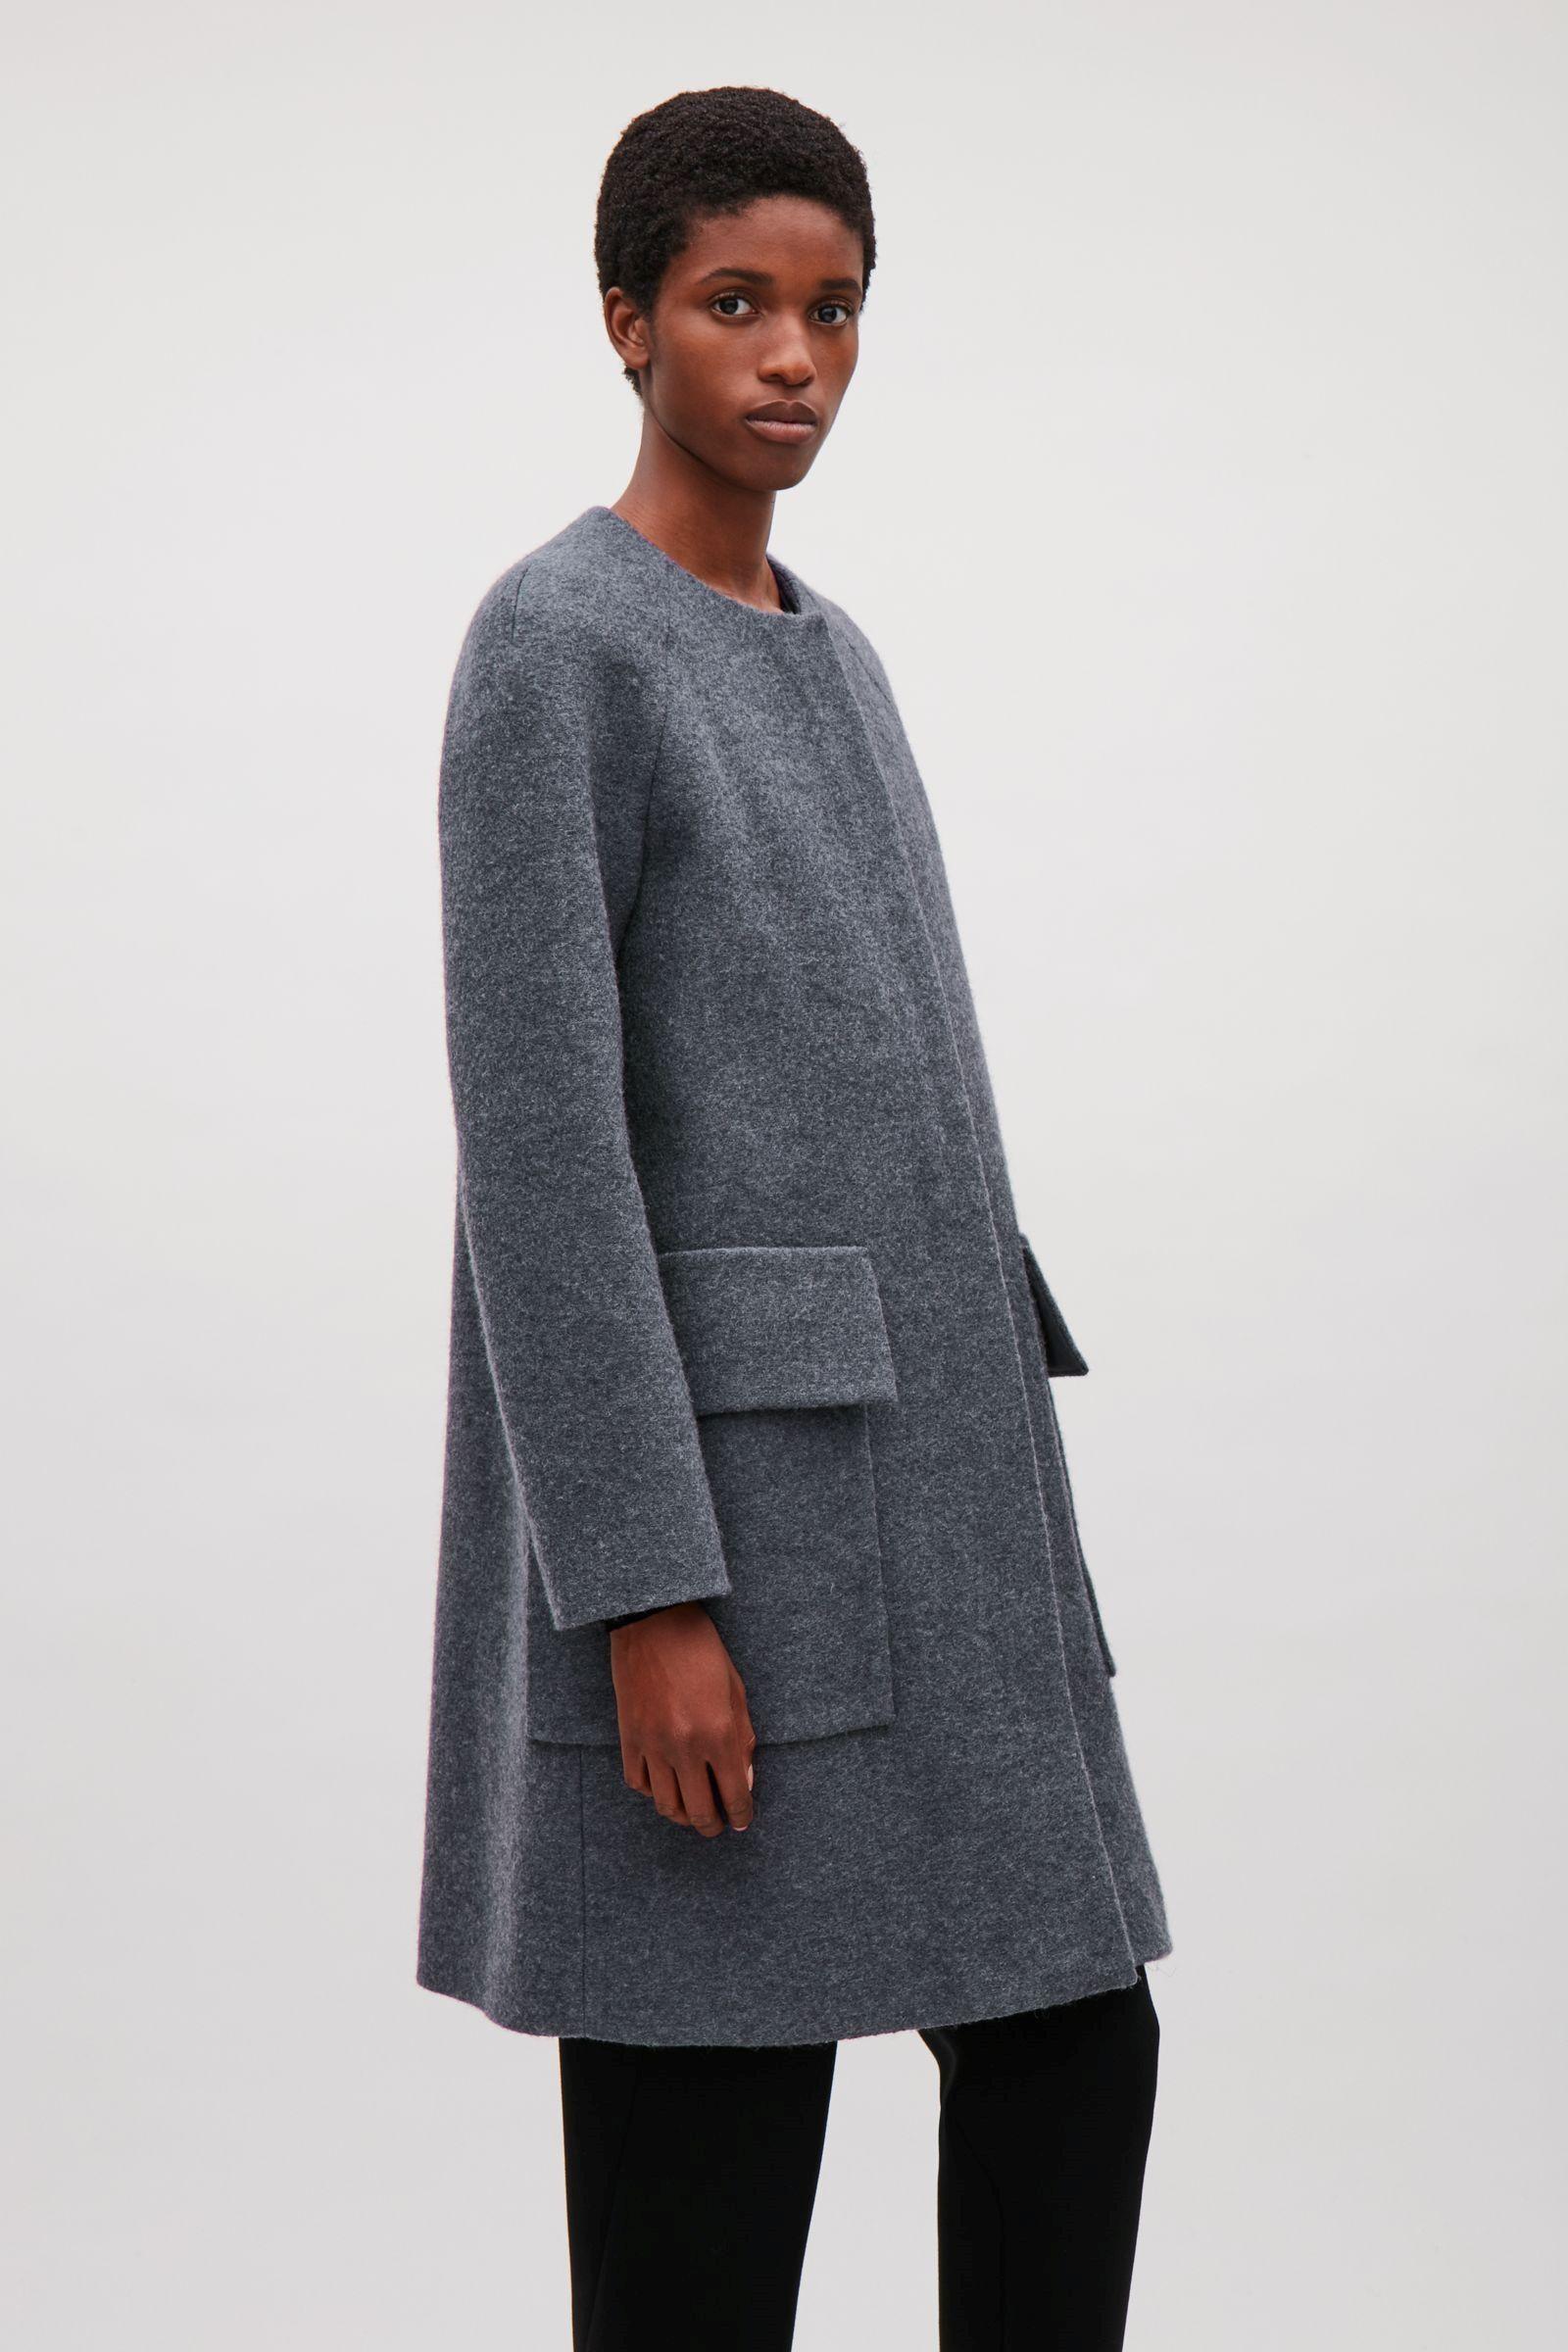 e941e97c8b3b COS image 9 du manteau A-ligne à col rond en gris   mode d hiver ...